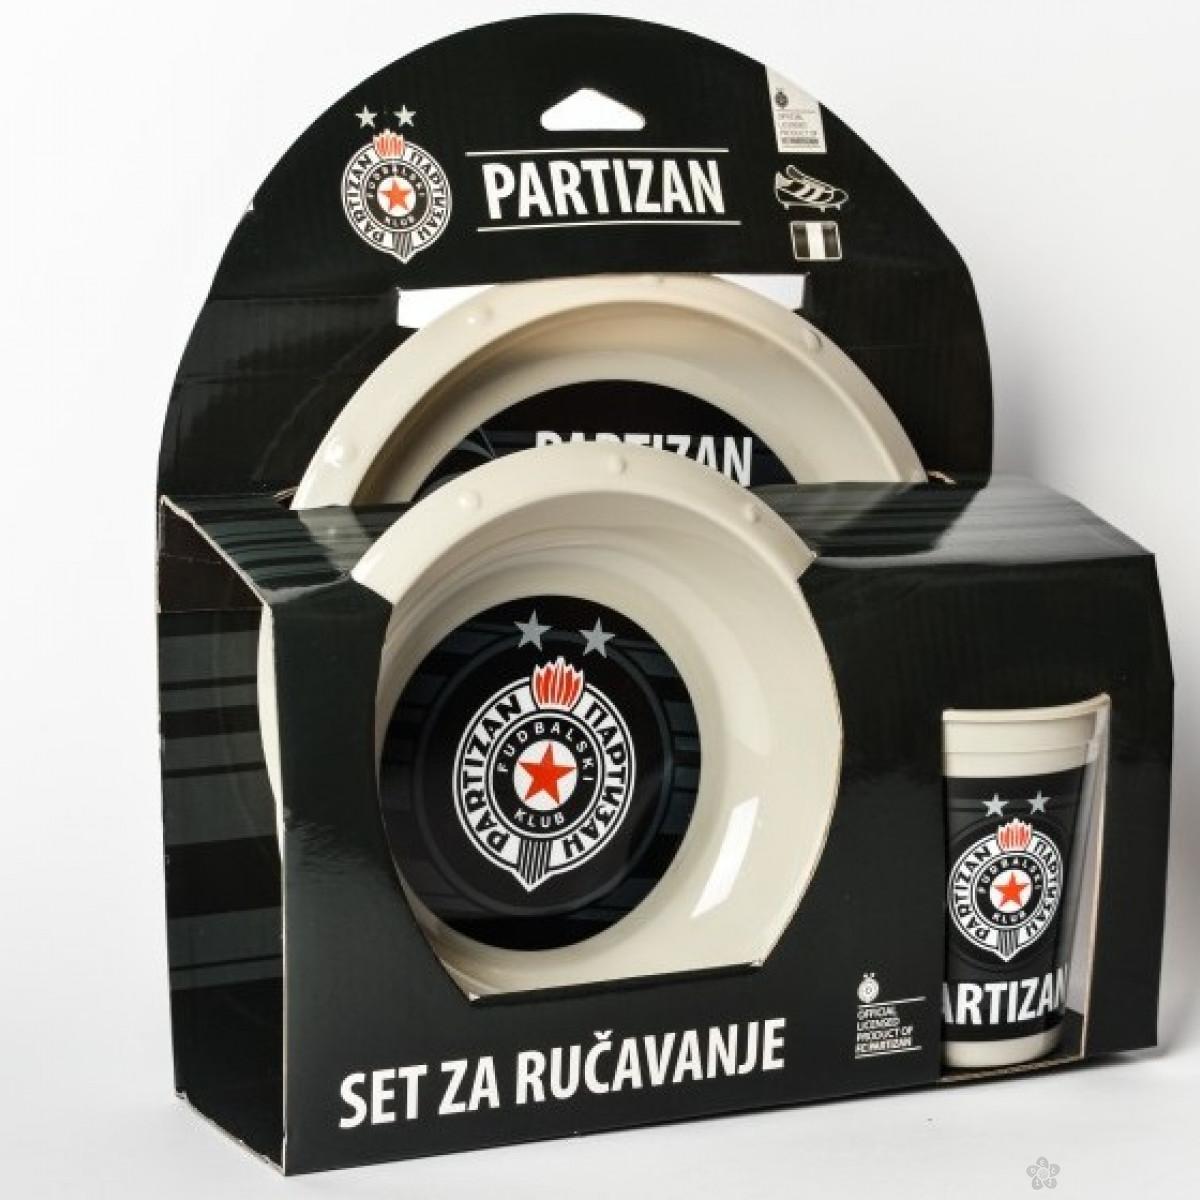 Set za ručavanje Partizan